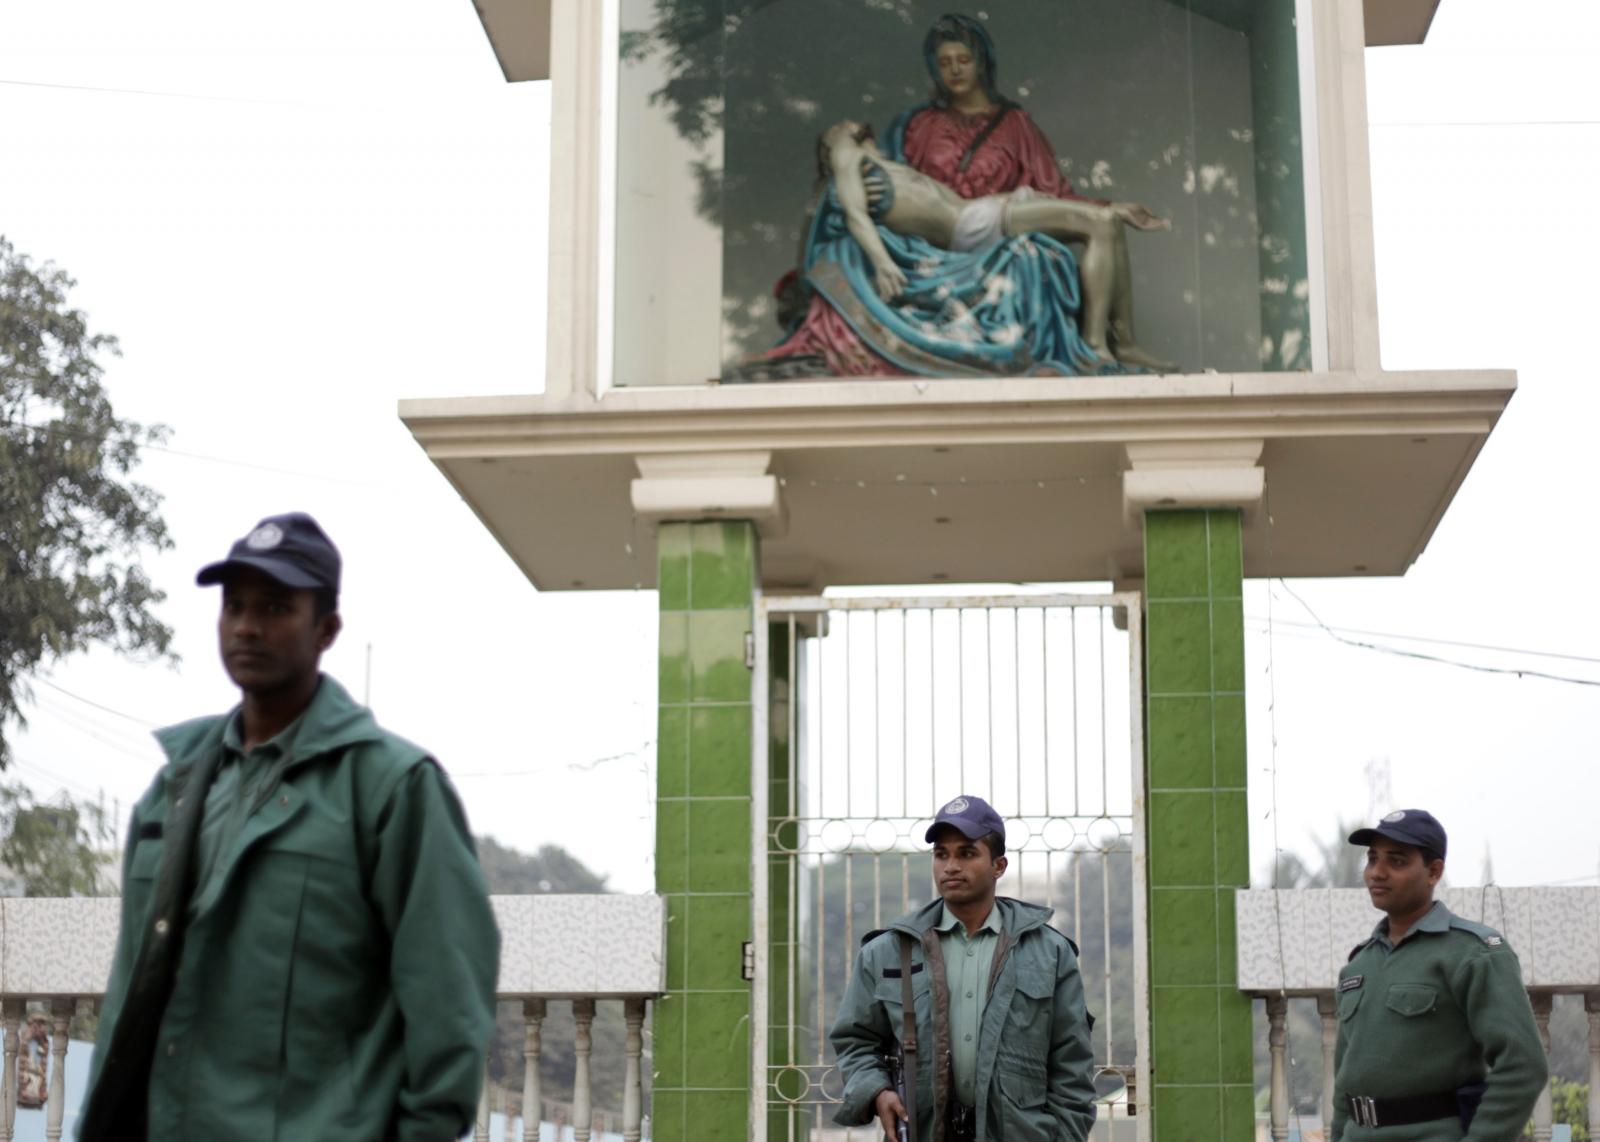 Bangladesh church guard hacked